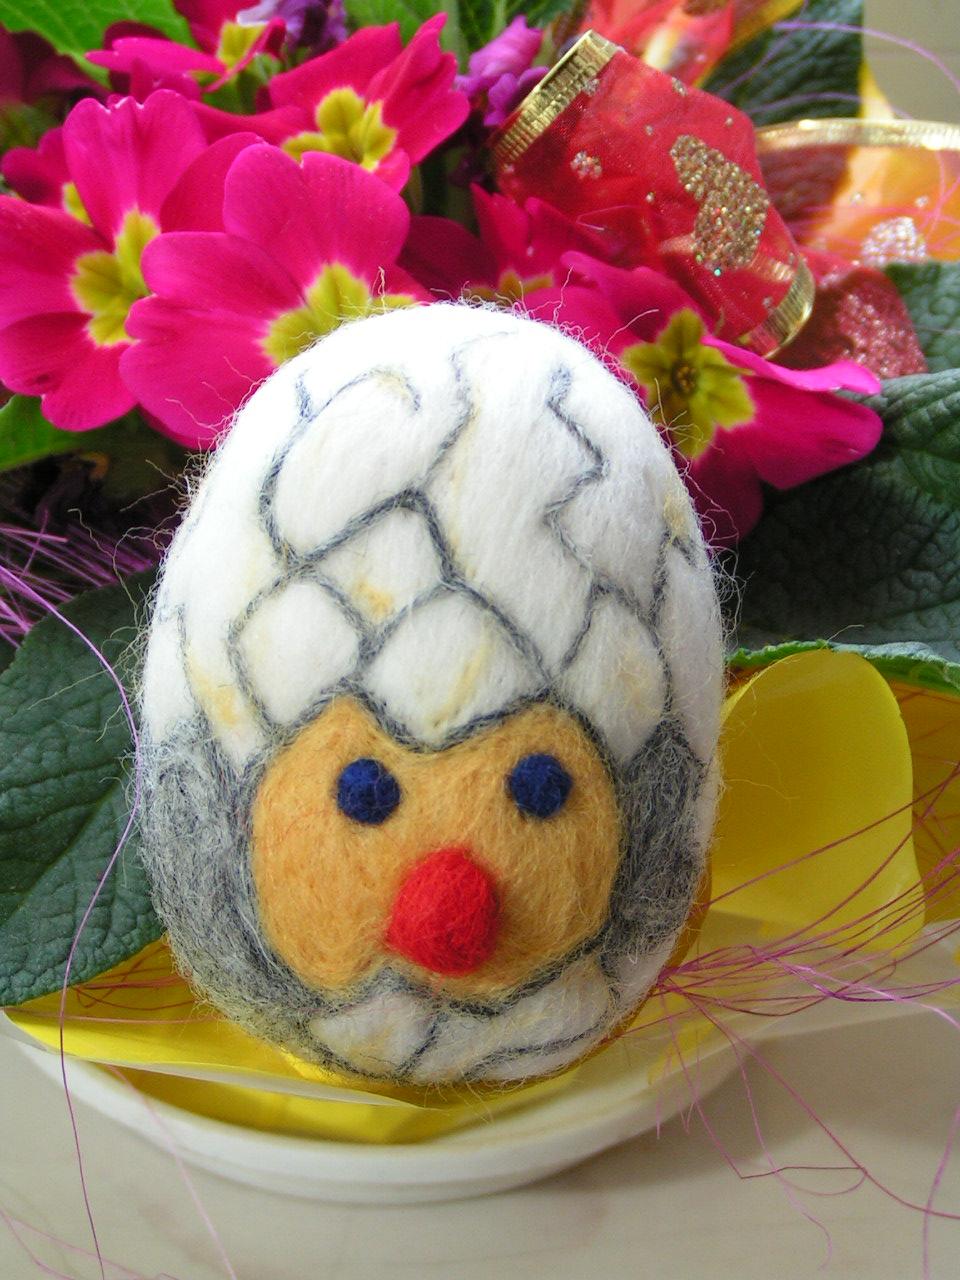 Wielkanoc, pisanki, jaja wielkanocne, jak ozdobić, jak udekorować, zdobienia, barwienie, Easter egg, inspiration, how to, DIY, krok po, tutorial, styropianowe jaja